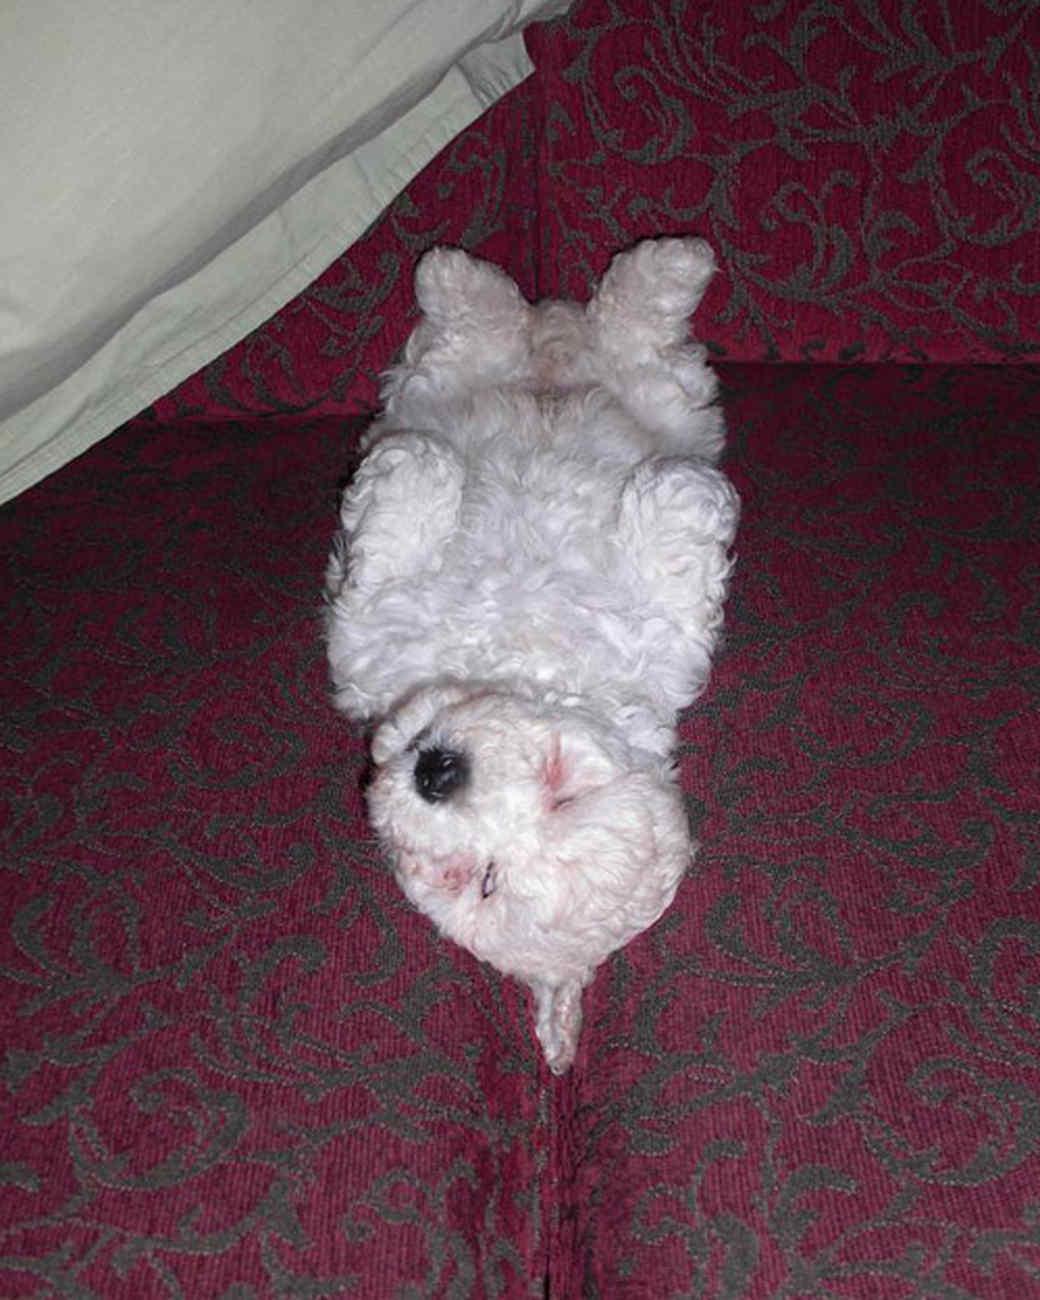 pets_lazy_0909_ori00100423.jpg